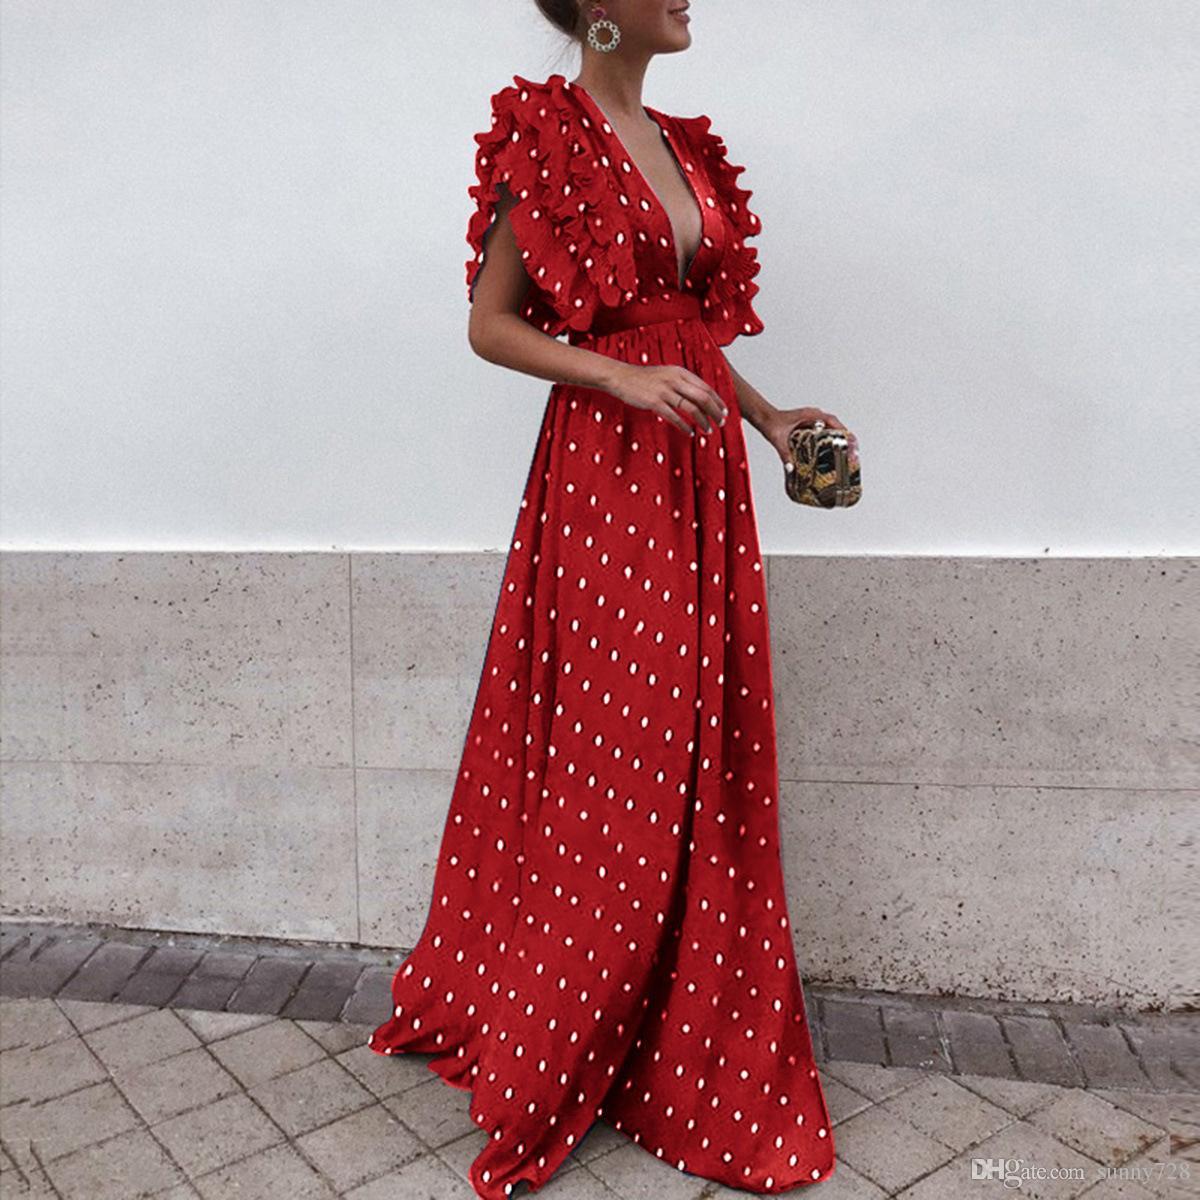 Dot Baskılı Plise Cap Kollu Uzun Kadınlar Abiye 2019 Yeni Seksi Derin v Boyun bir çizgi Kat Uzunluk Moda Kadınlar Günlük Elbise